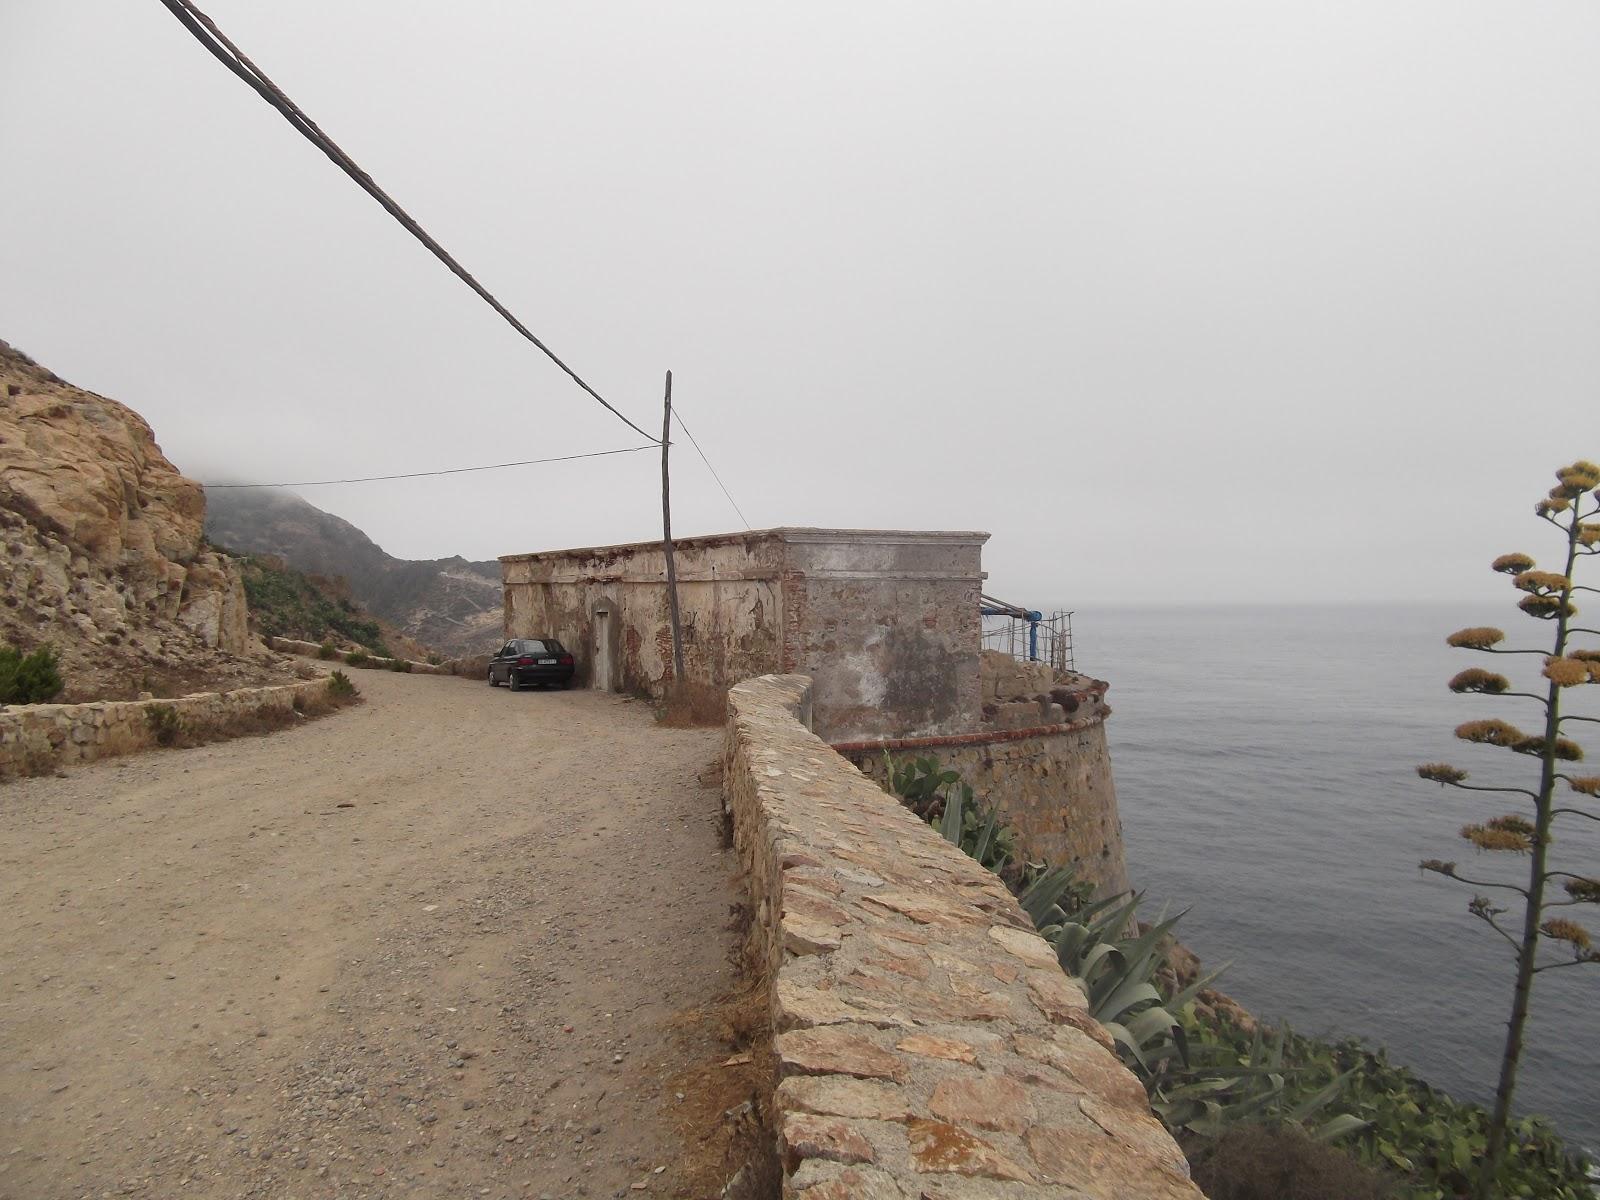 Playa El Desnarigado / Playa de la Torrecilla